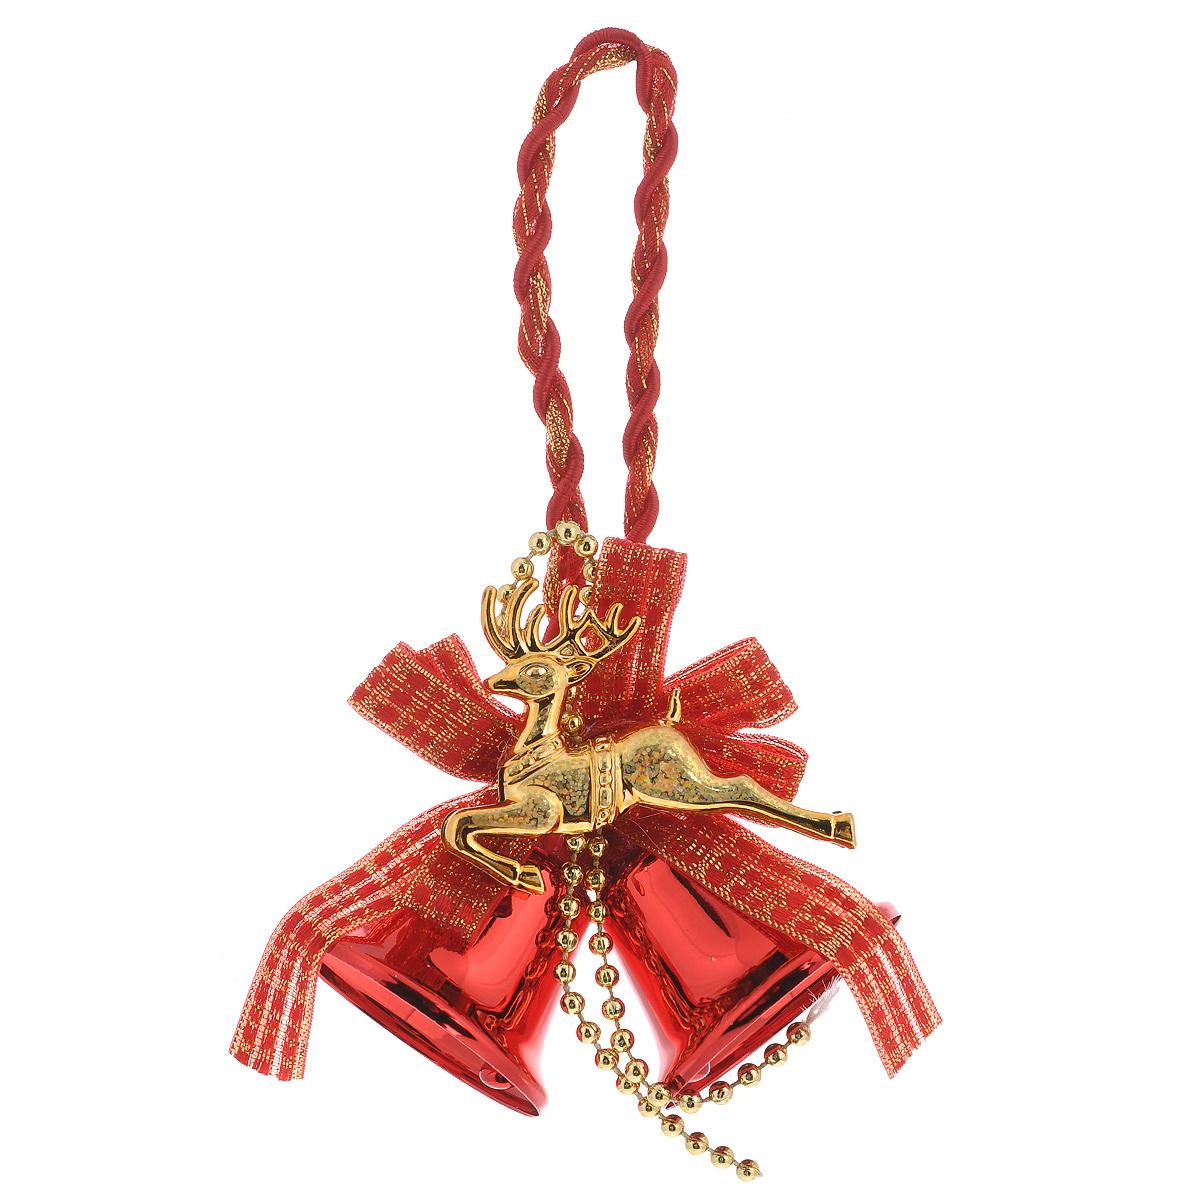 Новогоднее подвесное украшение Новогодние колокольчики, цвет: красный35492Оригинальное новогоднее украшение из пластика прекрасно подойдет для праздничного декора дома и новогодней ели. Изделие крепится на елку с помощью металлического зажима.